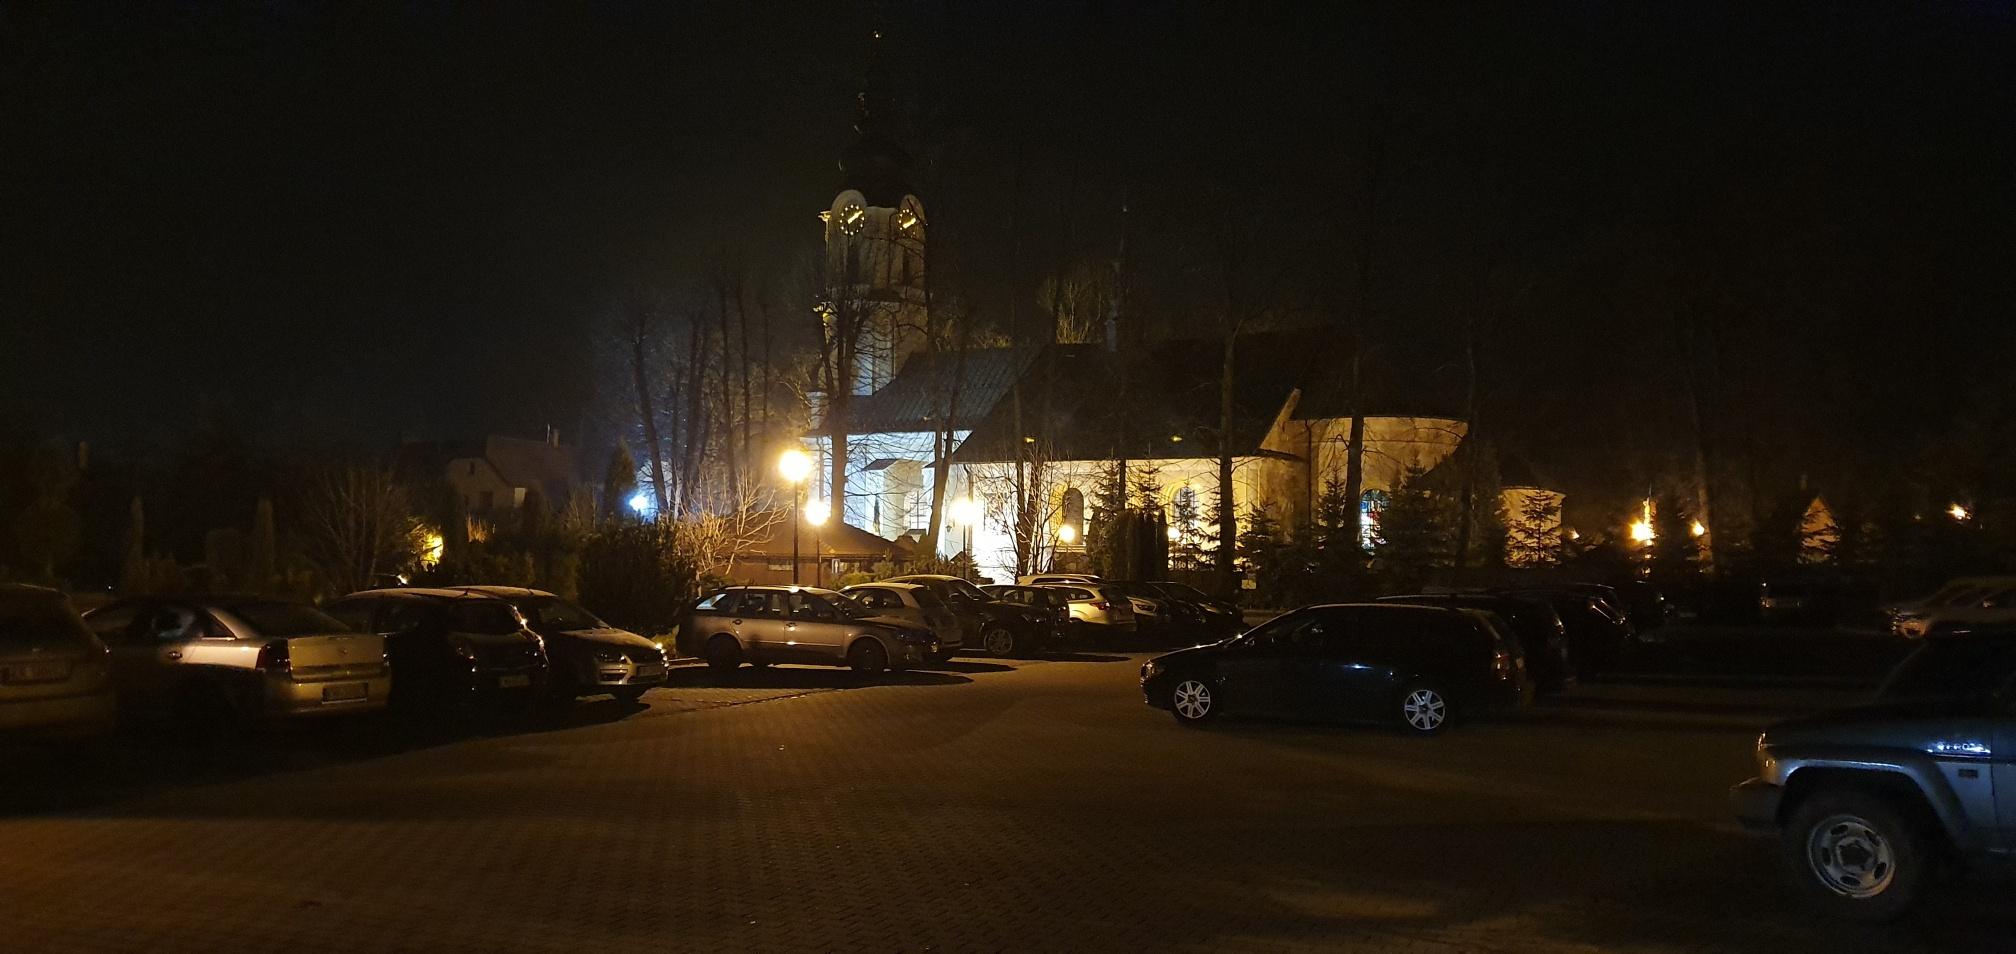 Parafia zamyka parking na noc, bo młodzież za bardzo rozrabiała